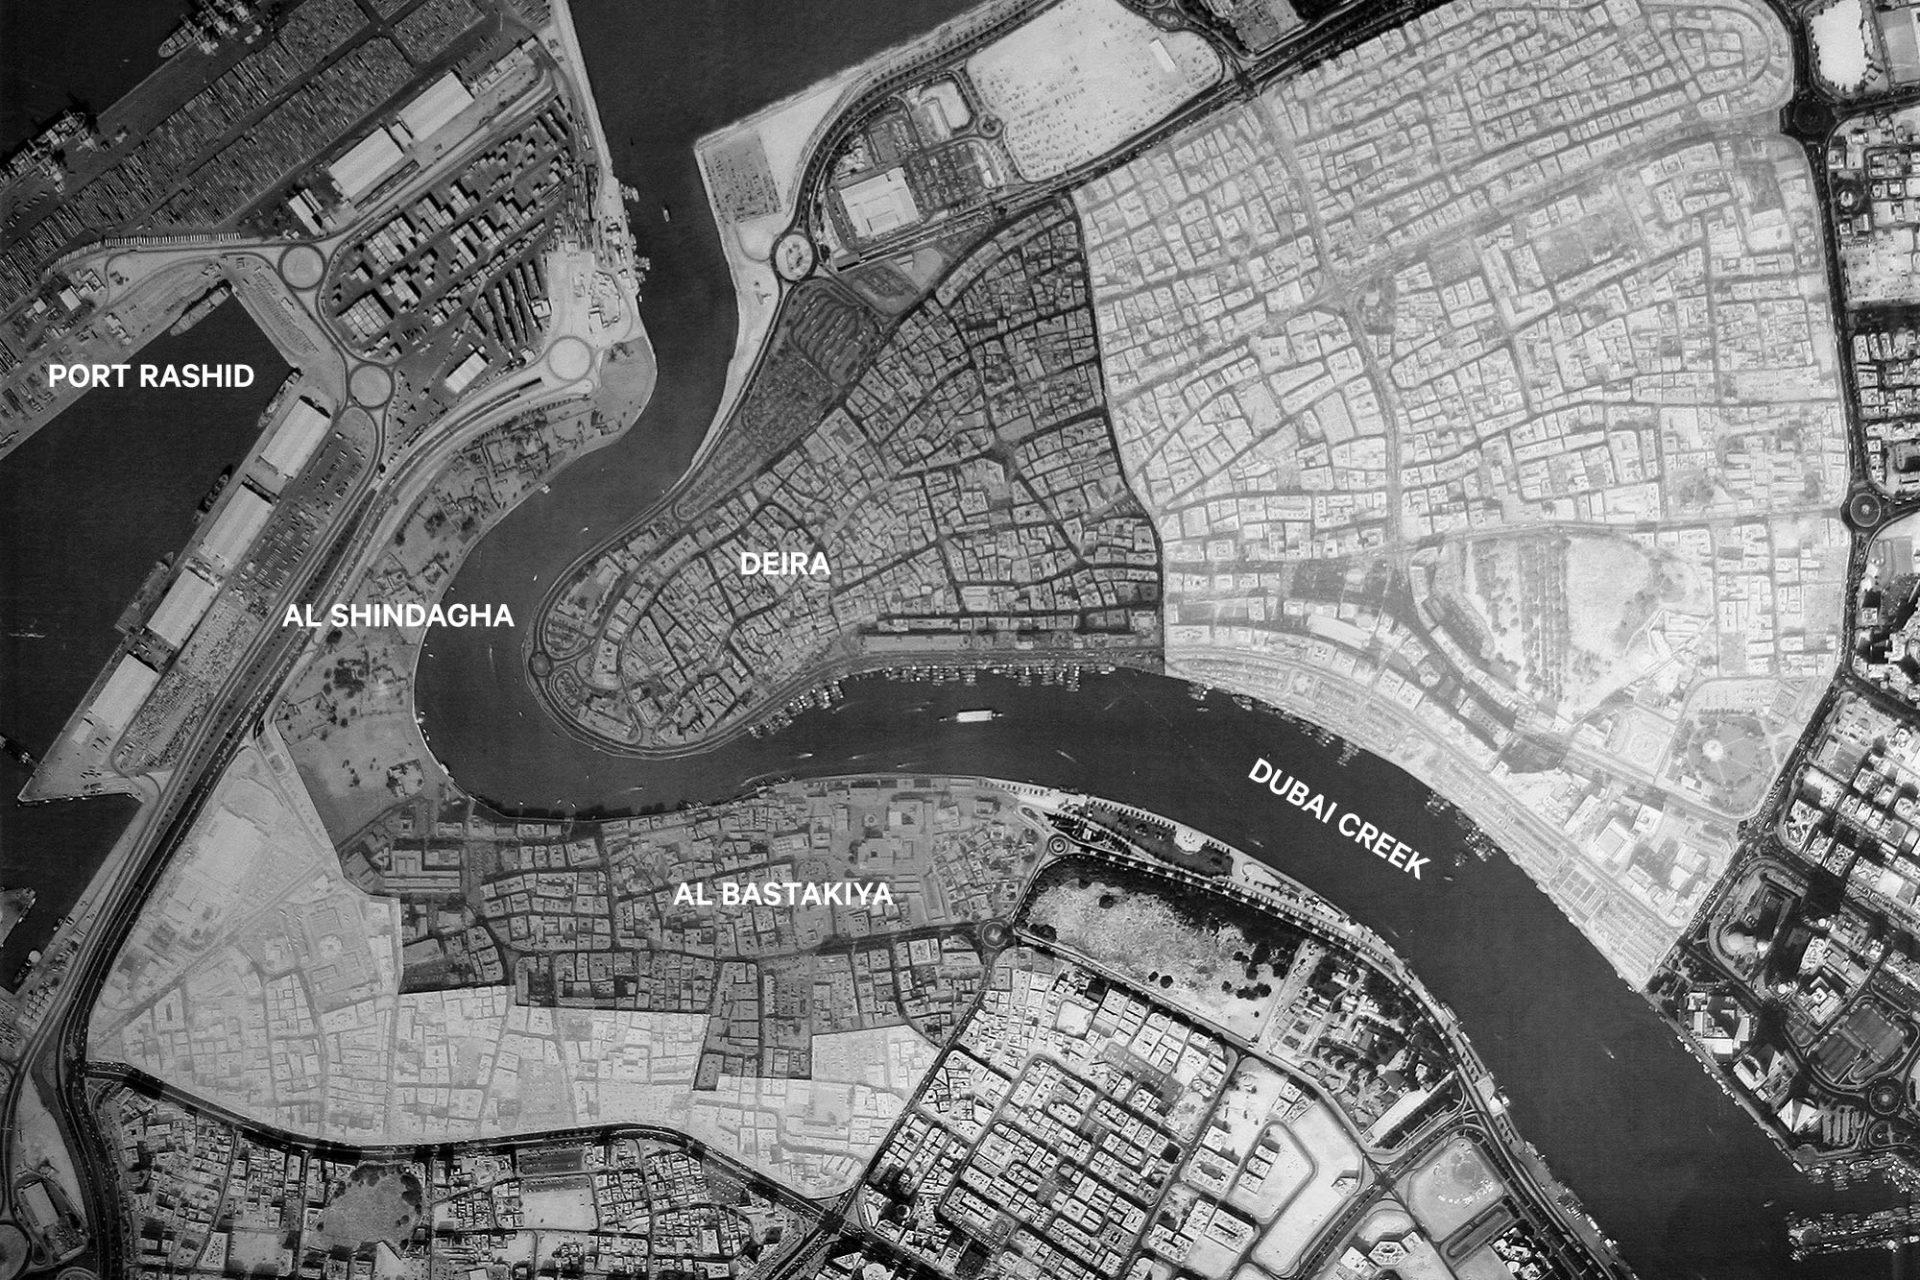 """Dubai. Der Creek mit Deira im Westen, Al Shindaya im Osten und Al Bastakiya im Süden. Der Hafen """"Mina Rashid"""" wurde künstlich aufgeschüttet und 1972 eröffnet."""